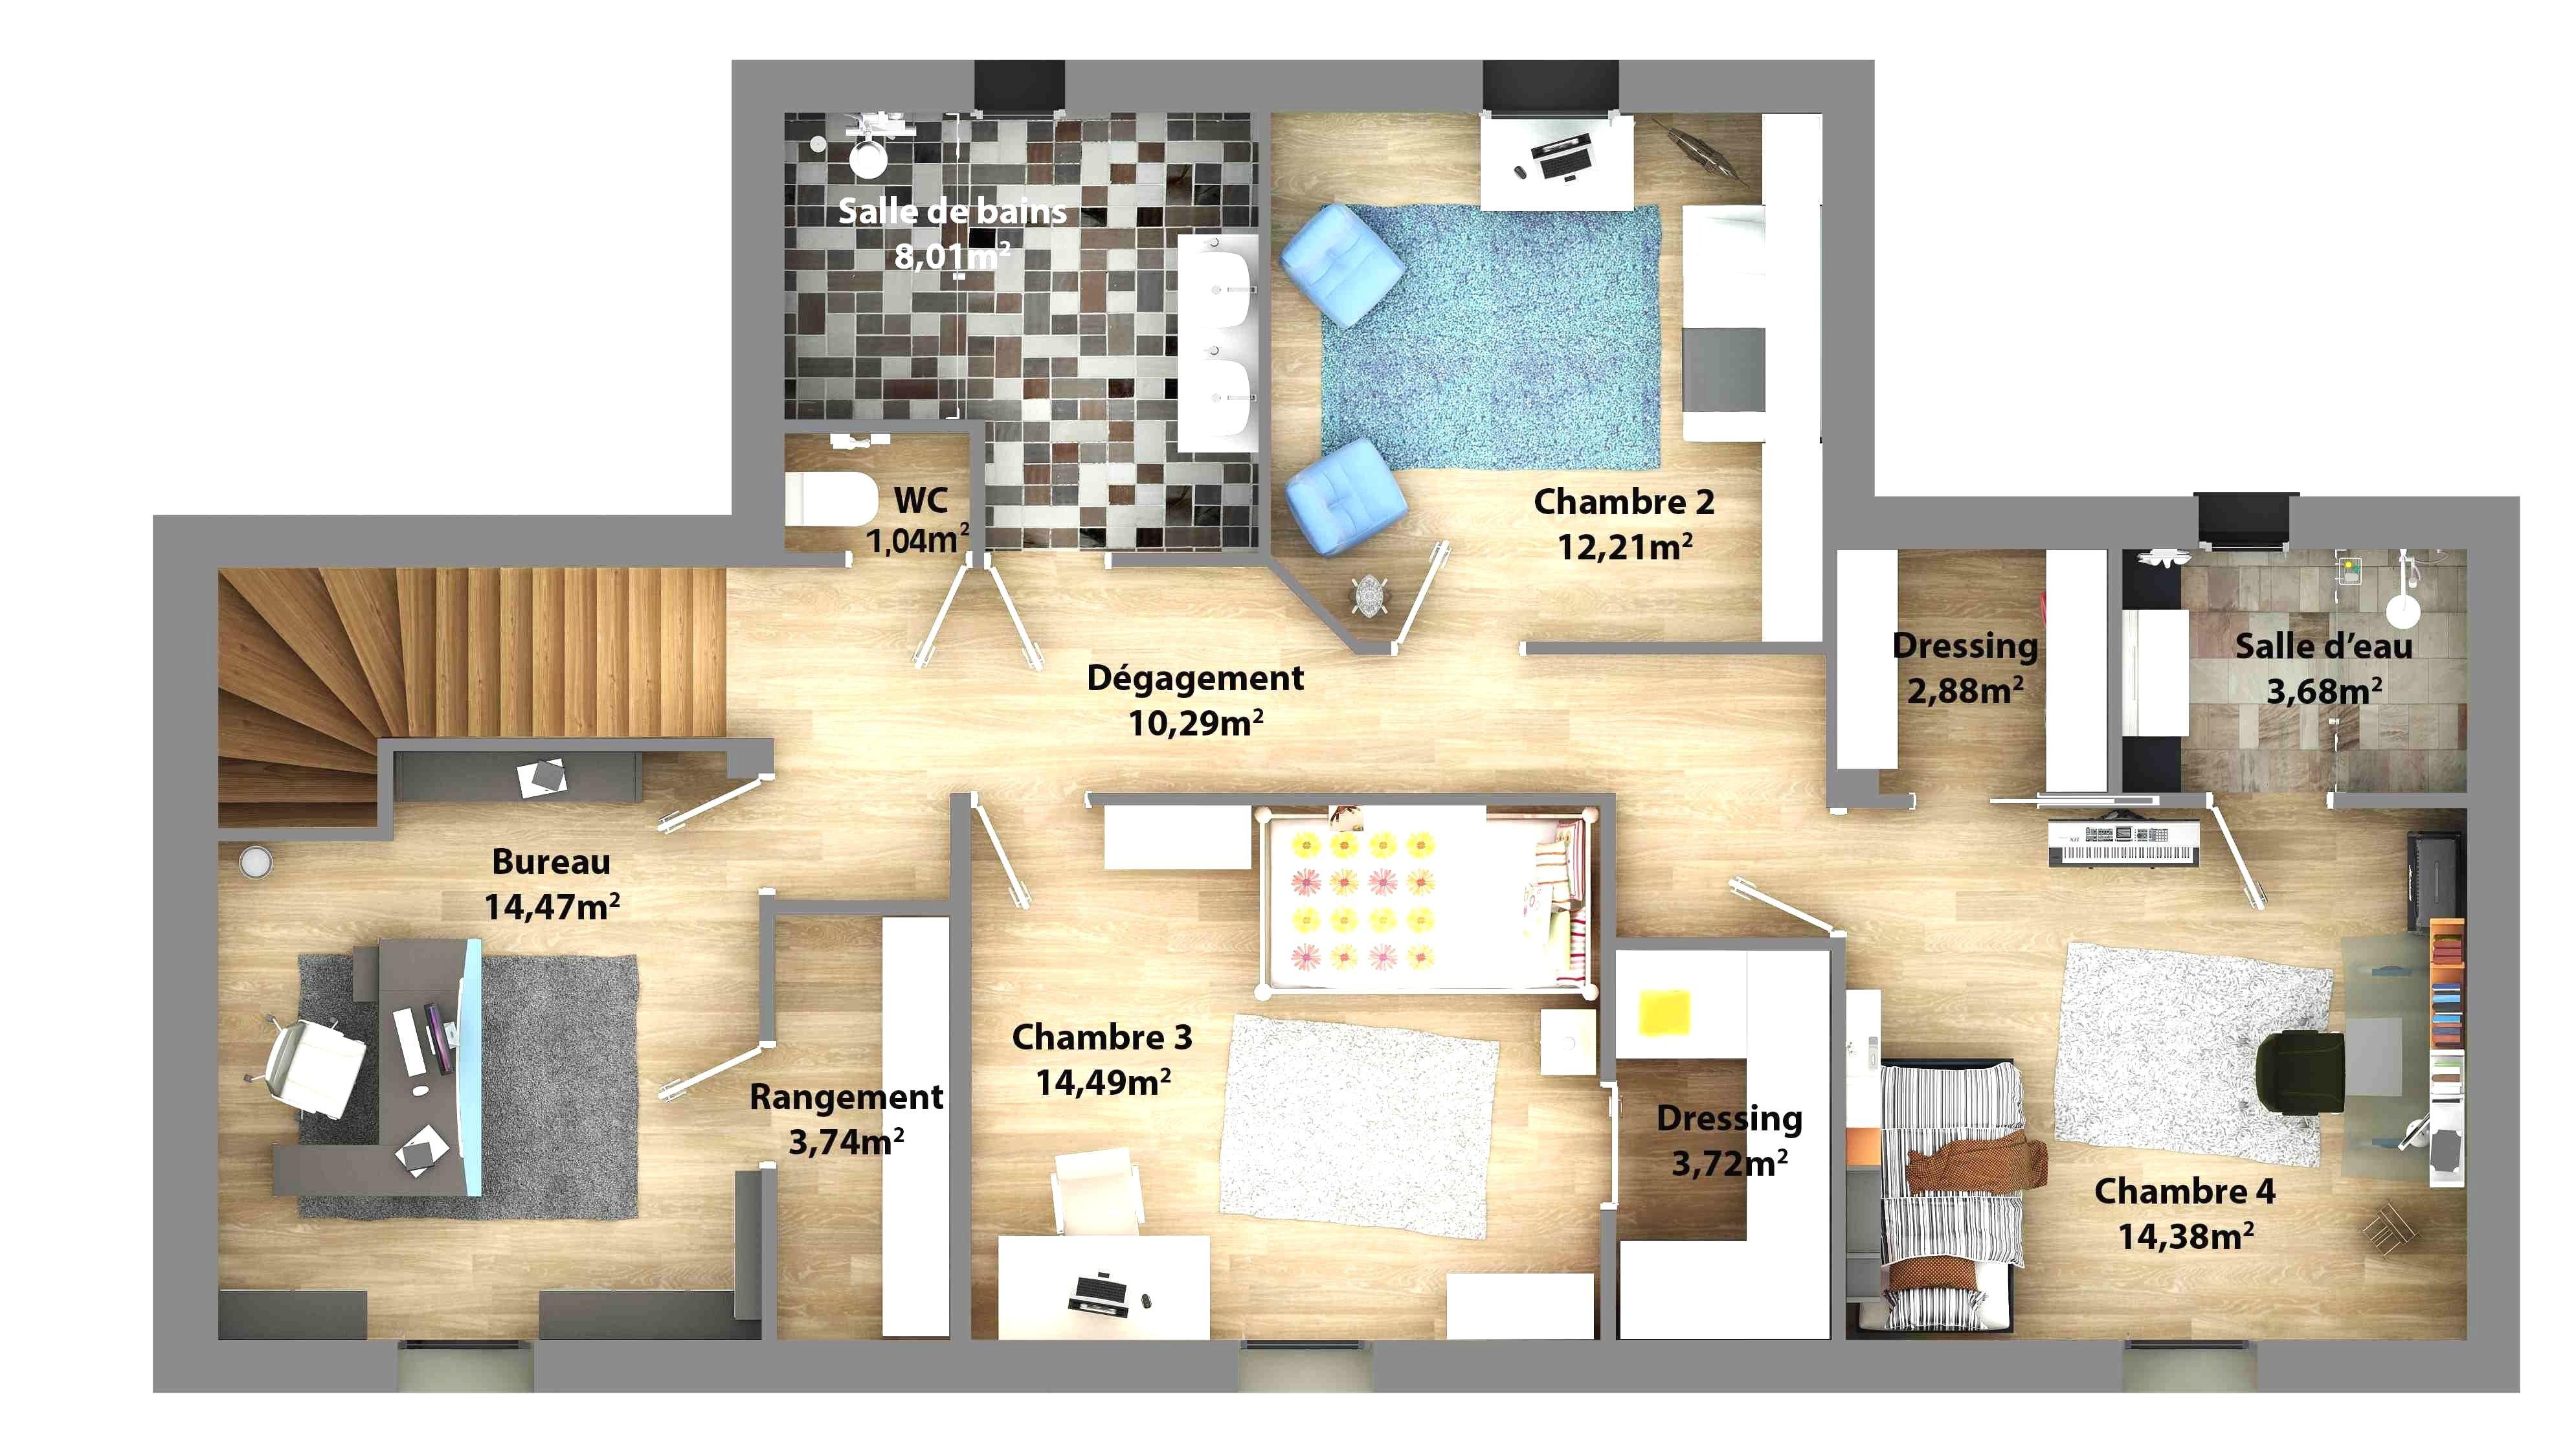 Plan De Maison 2 Etage Plan Maison 3d Architecture Pinterest Avec Plan De Maison 2 Etage Luxe Plan De Maison Plan Maison Plan Maison 3d Plan Maison 4 Chambres